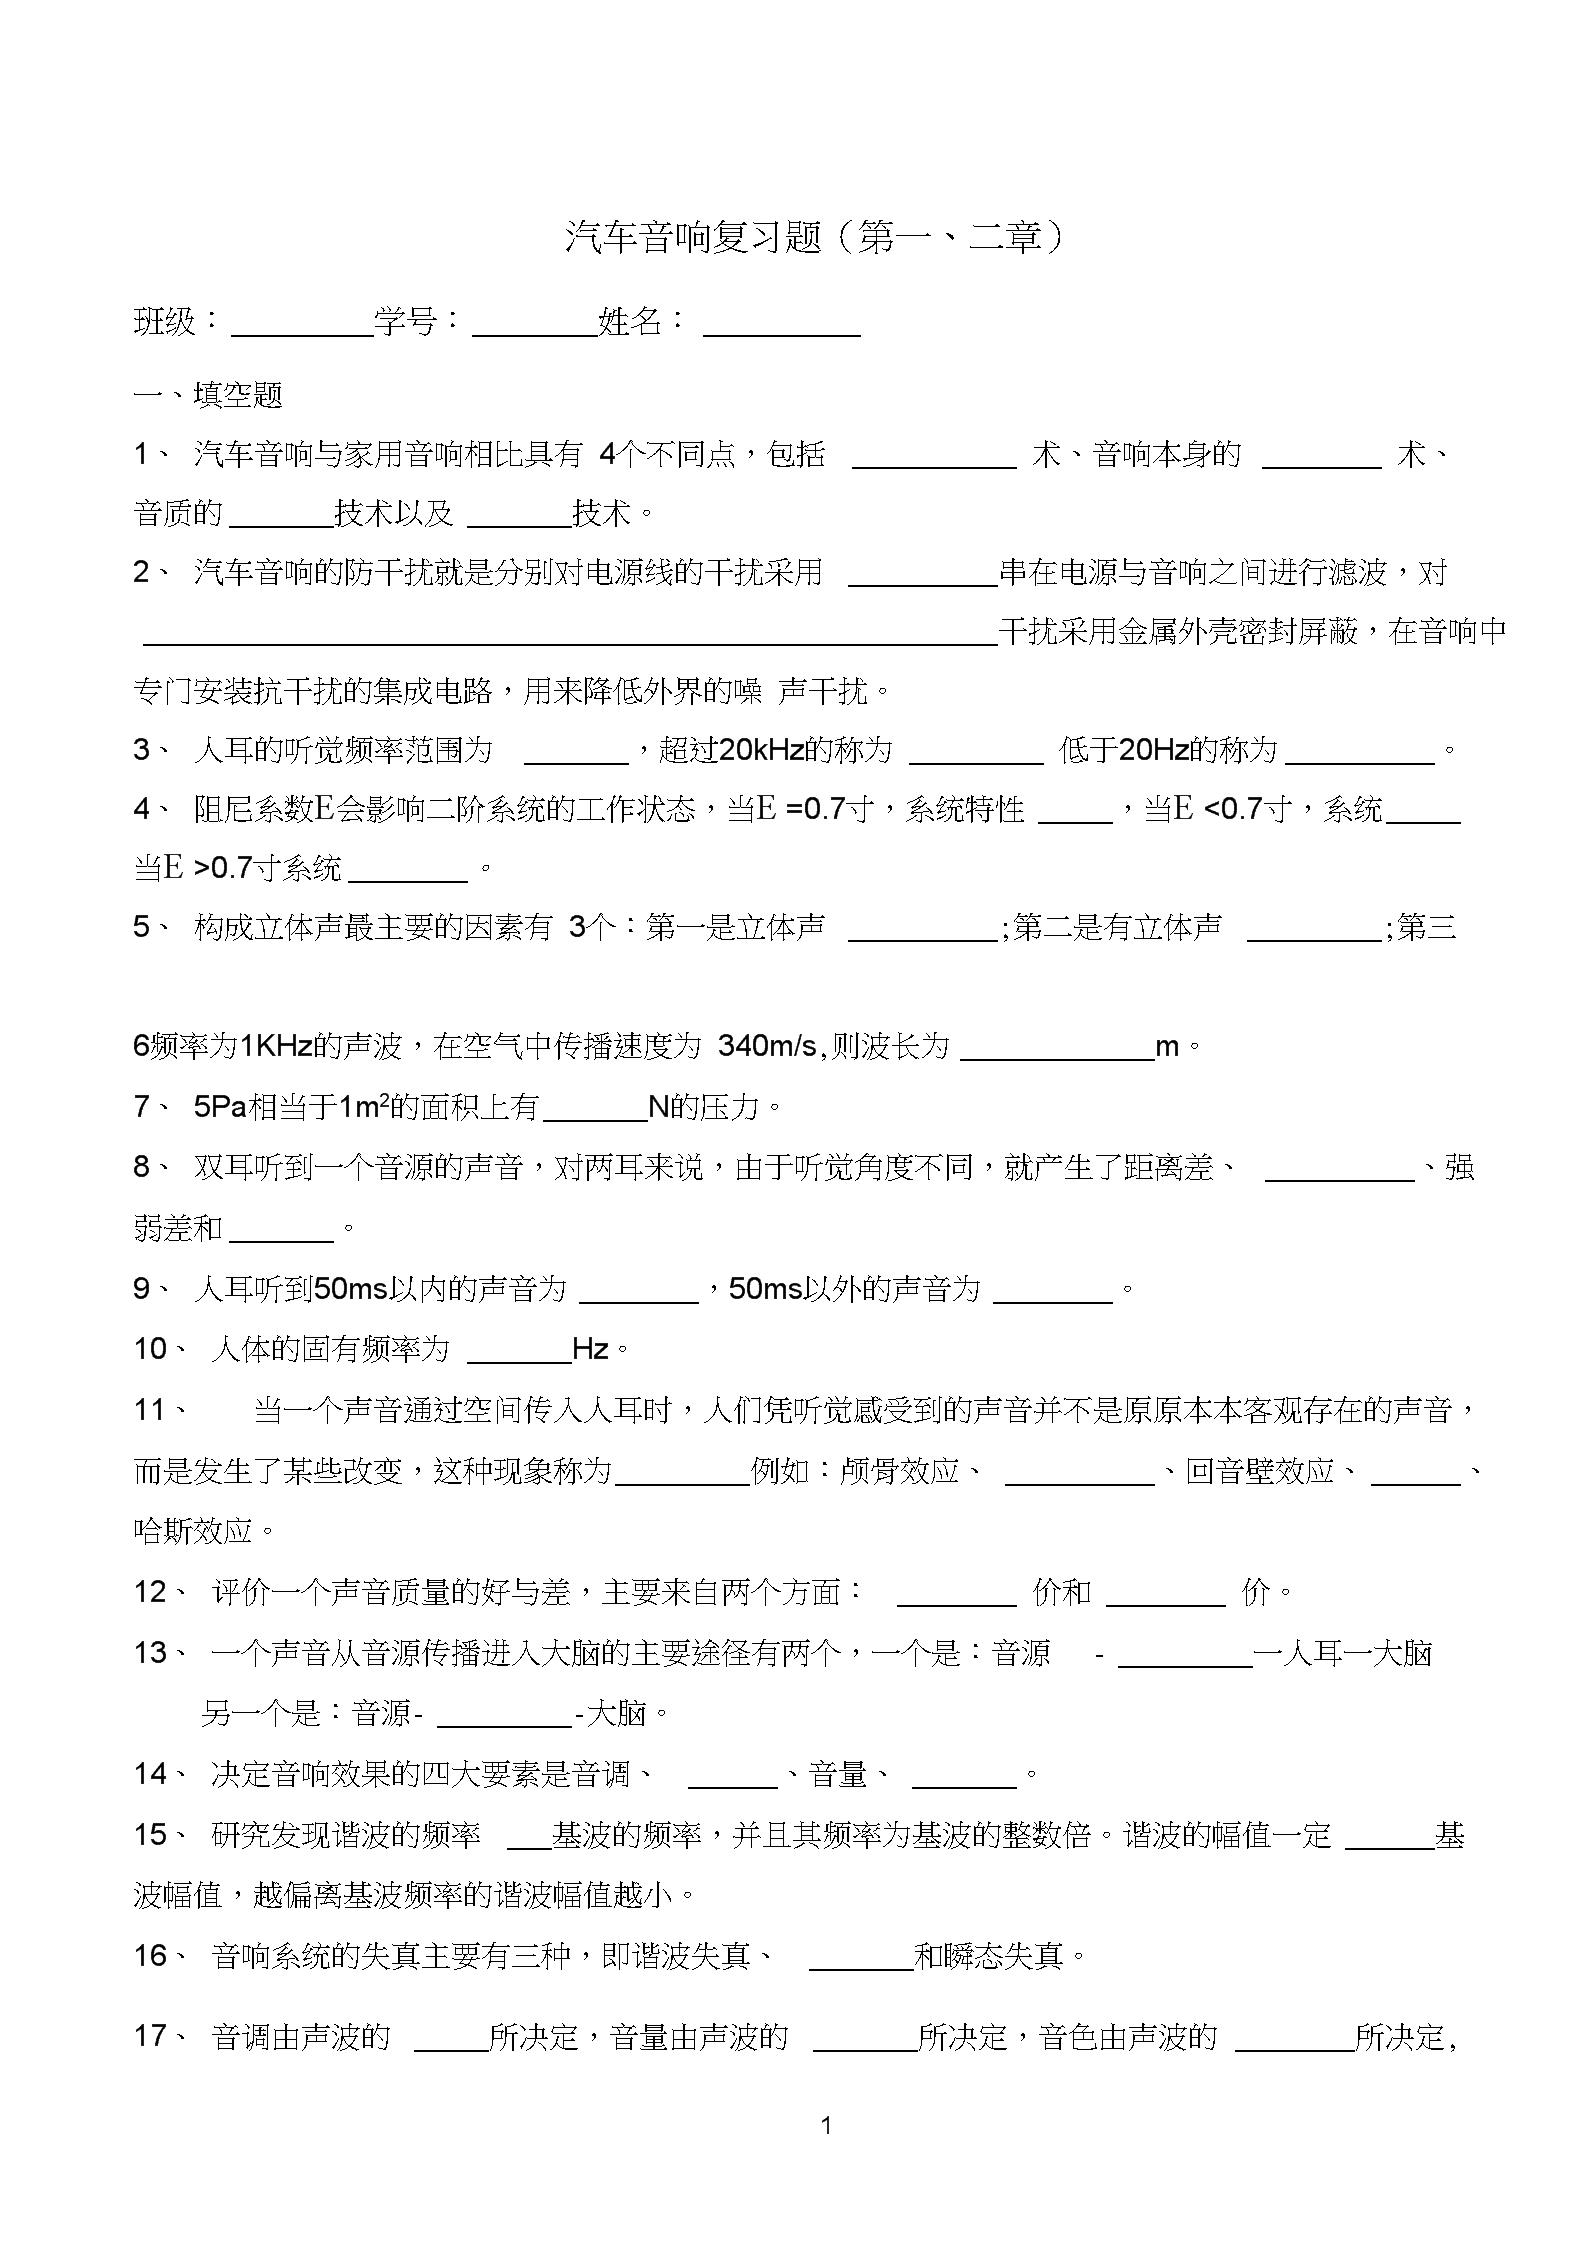 汽車音響復習題(1-2章).docx